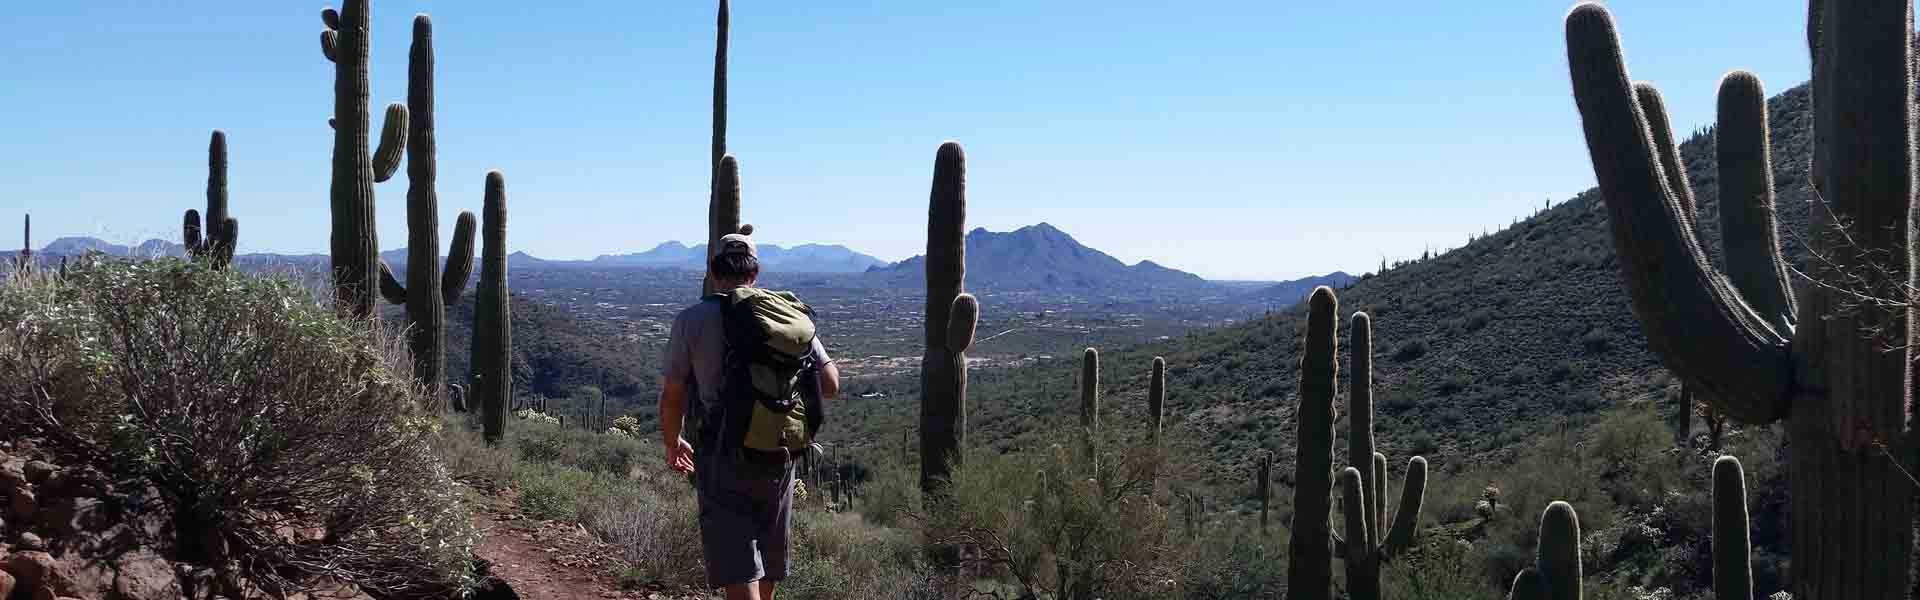 BAsis-Scottsdale-AZ-Hike-Banner-MAin